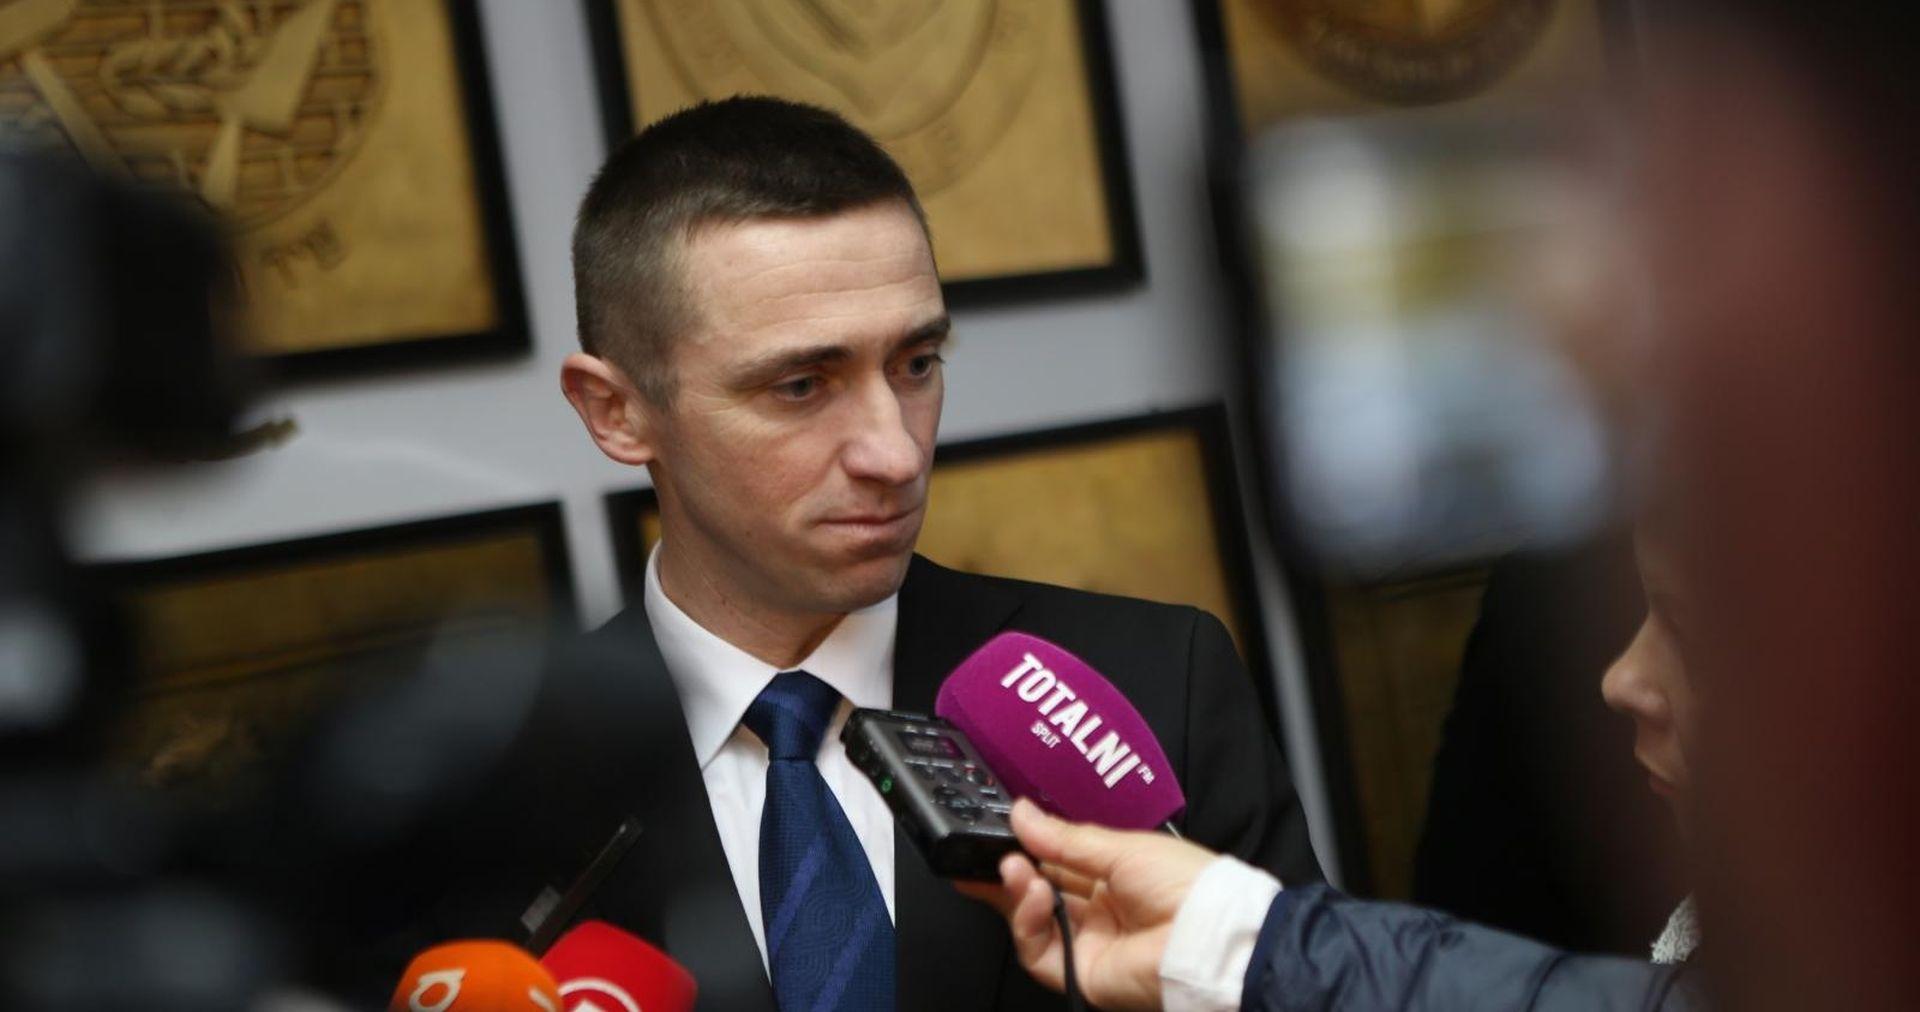 Penava očekuje velik odaziv na prosvjed u Vukovaru